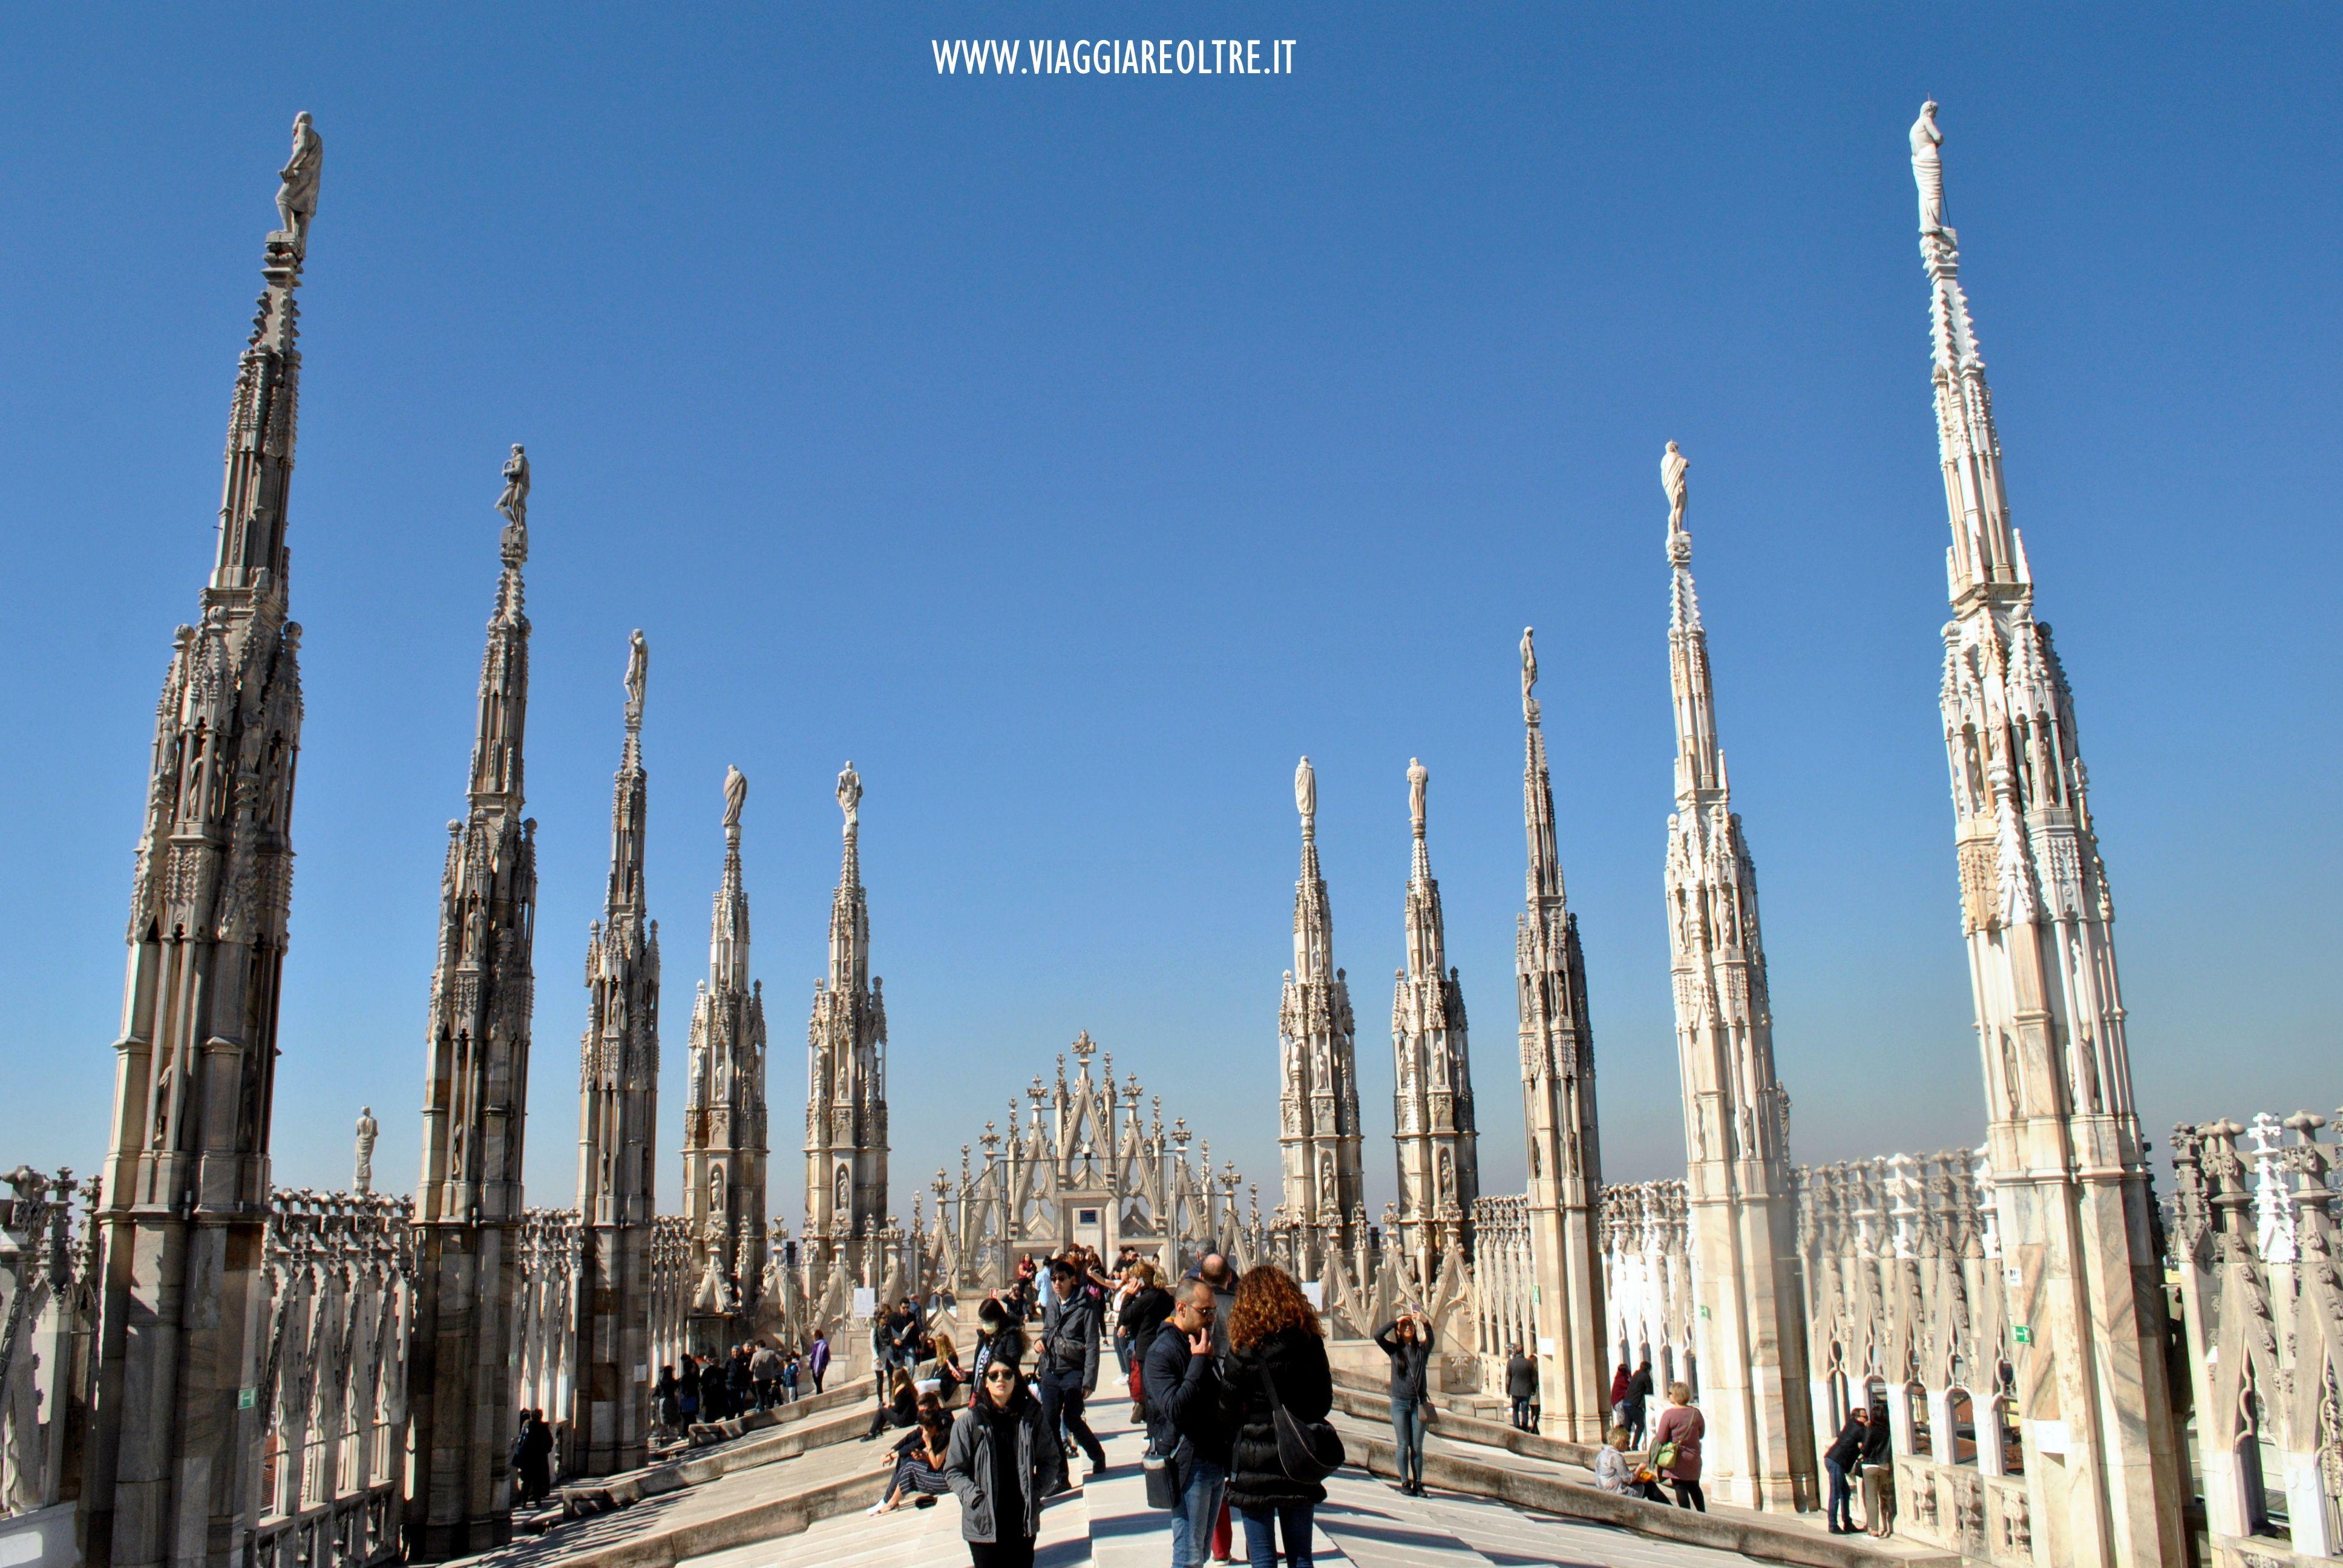 Milano Da Alte Prospettive Visita Alle Terrazze Del Duomo